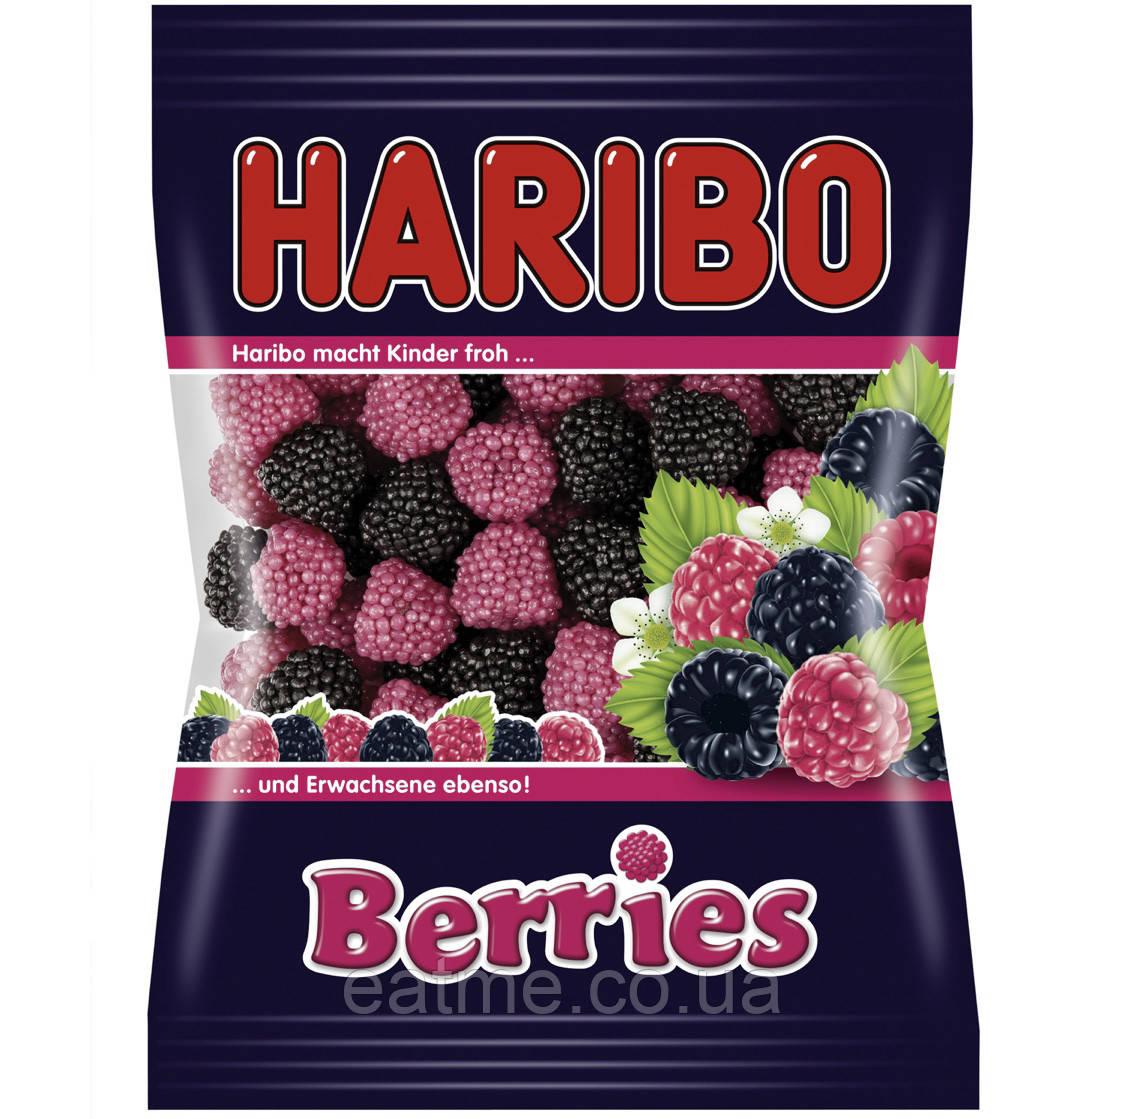 Haribo Berries Желейные конфеты с ягодным вкусом в виде малинок